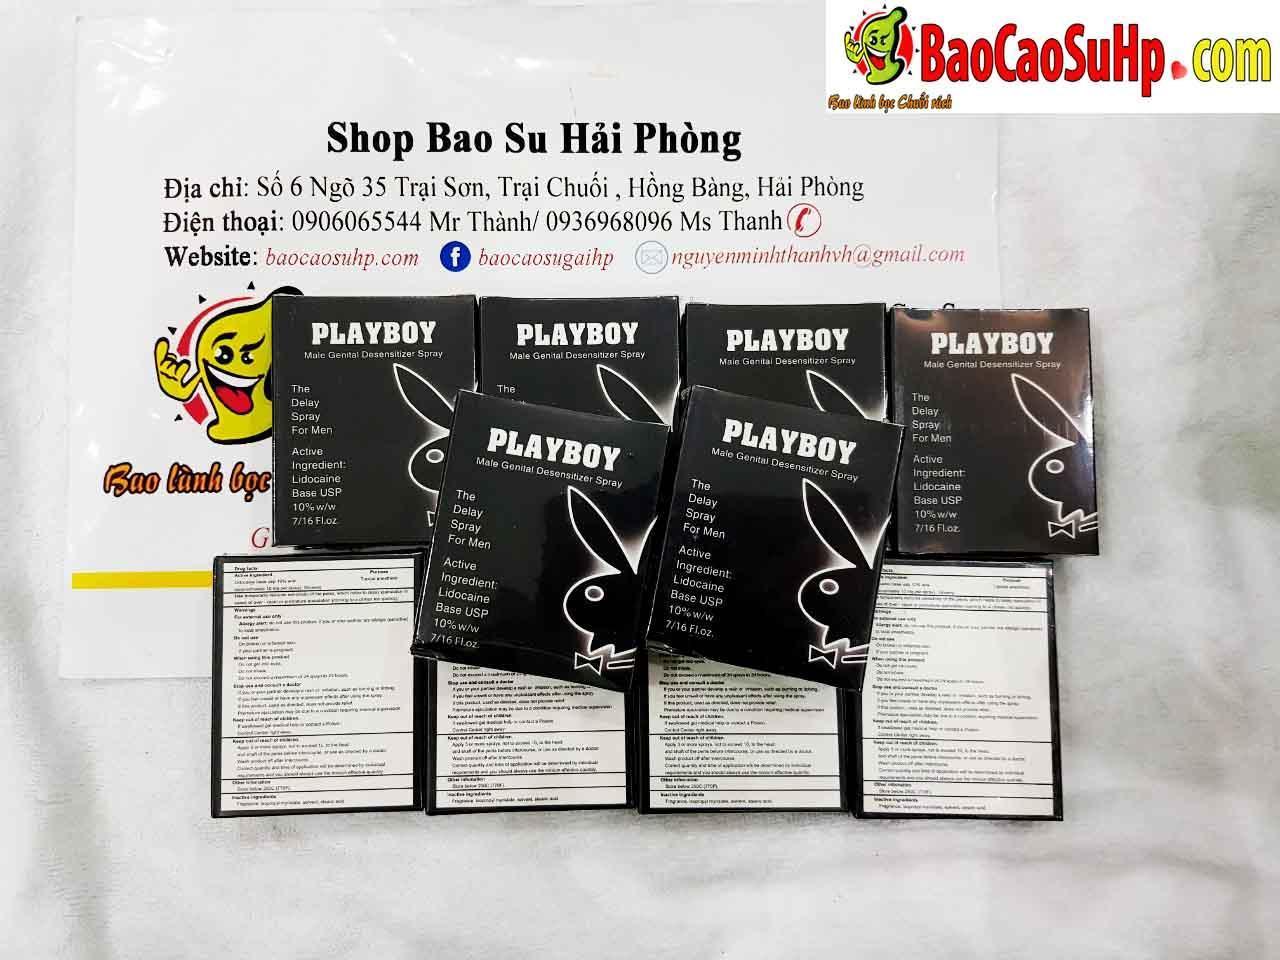 20190107235934 7554019 chai xit chong xuat tinh som playboy den - Sextoy mông nguyên khối, trứng, chai xịt các loại hàng về ngày 07.01.2019